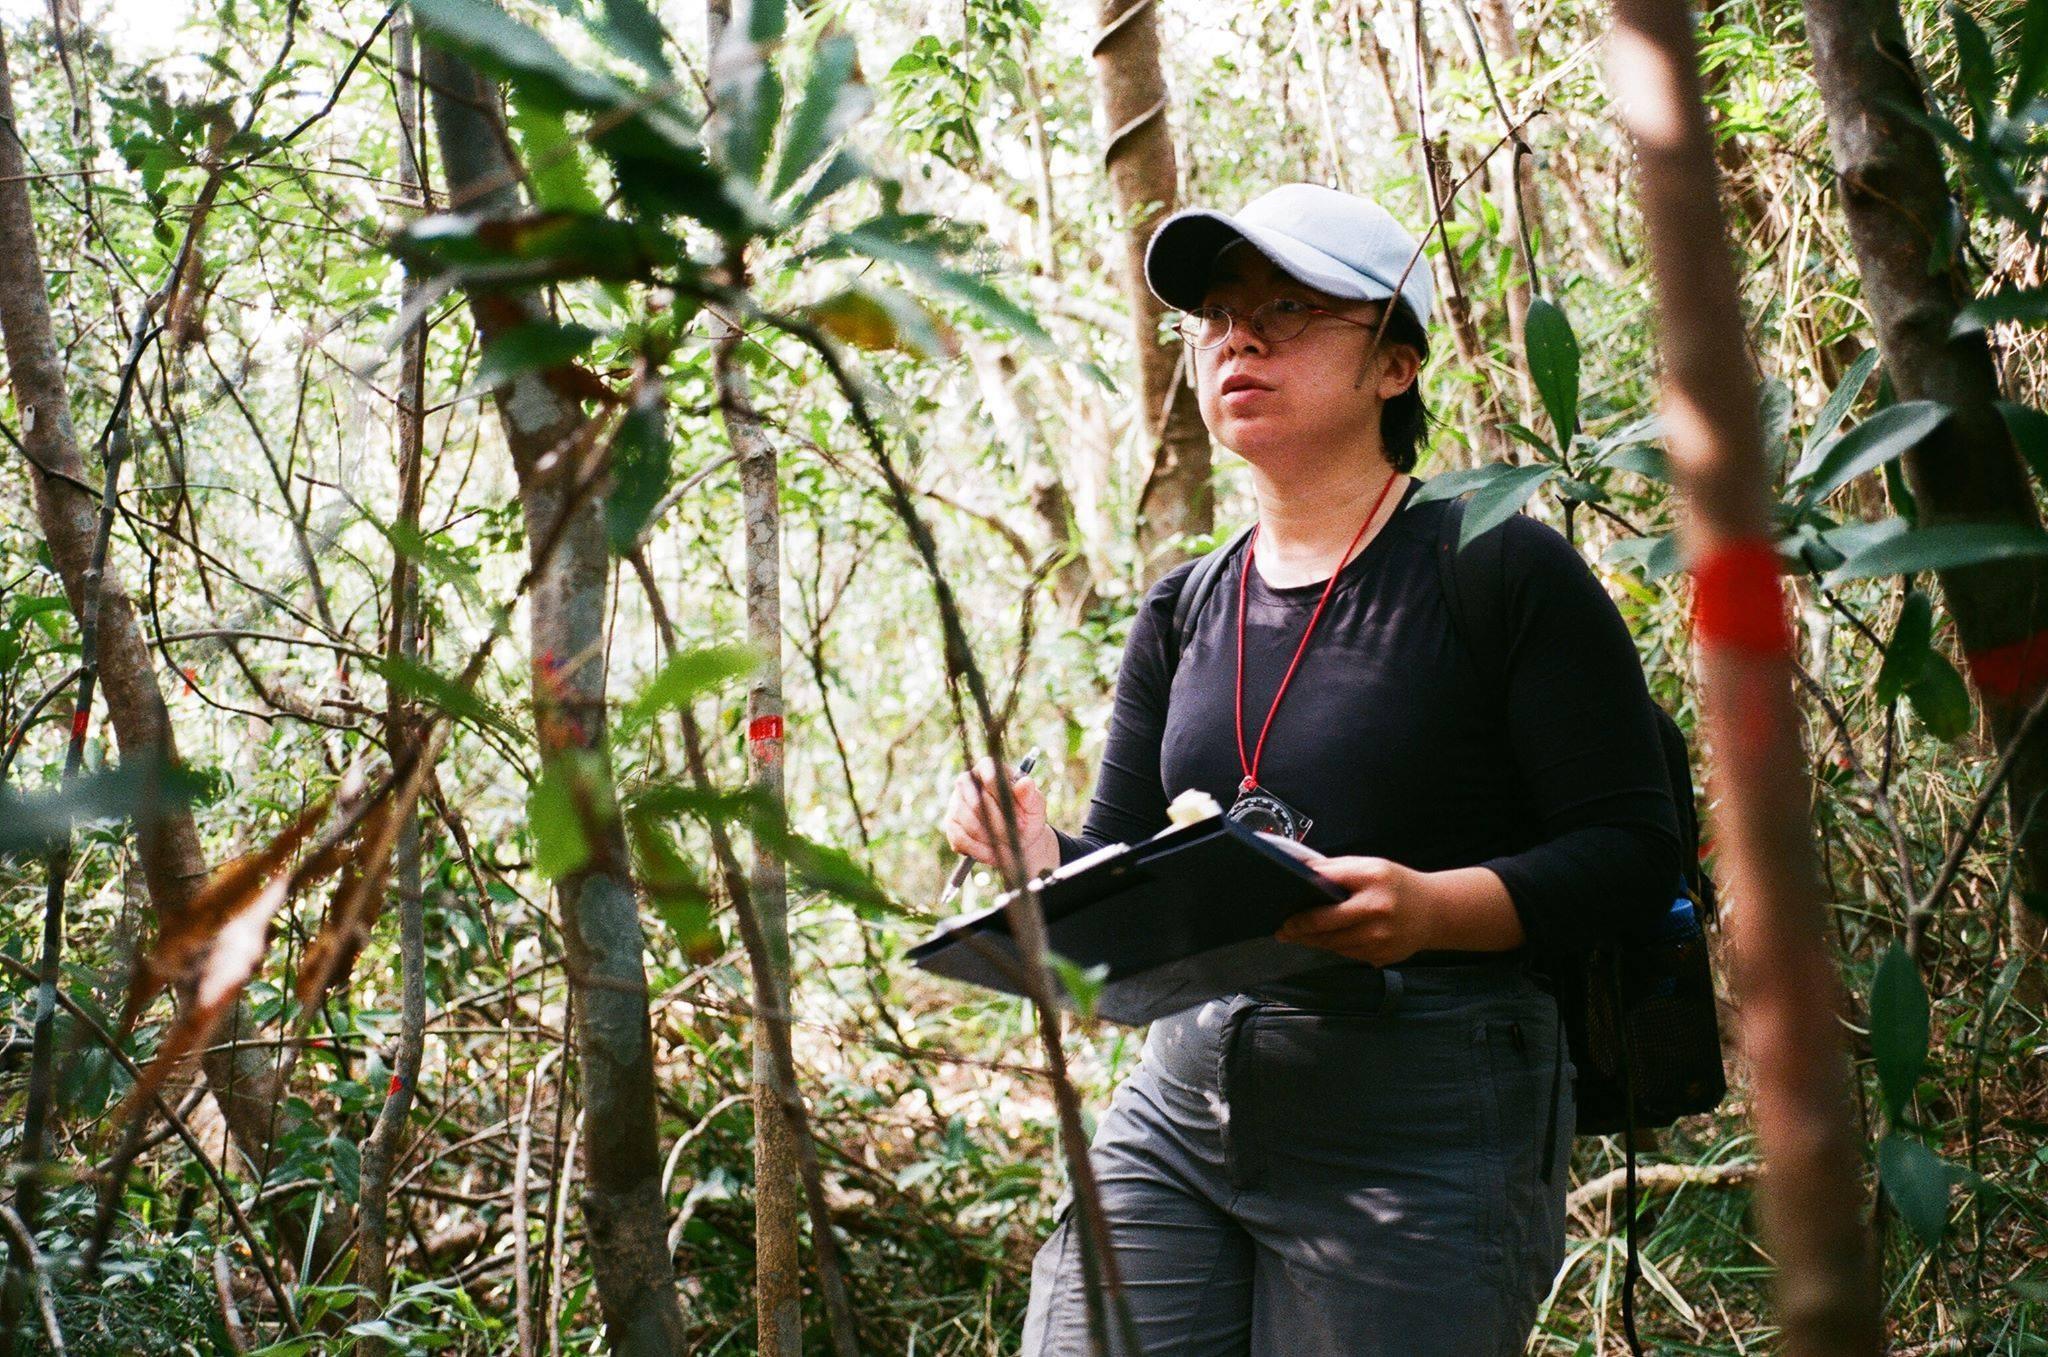 台灣的山林生活與森林調查